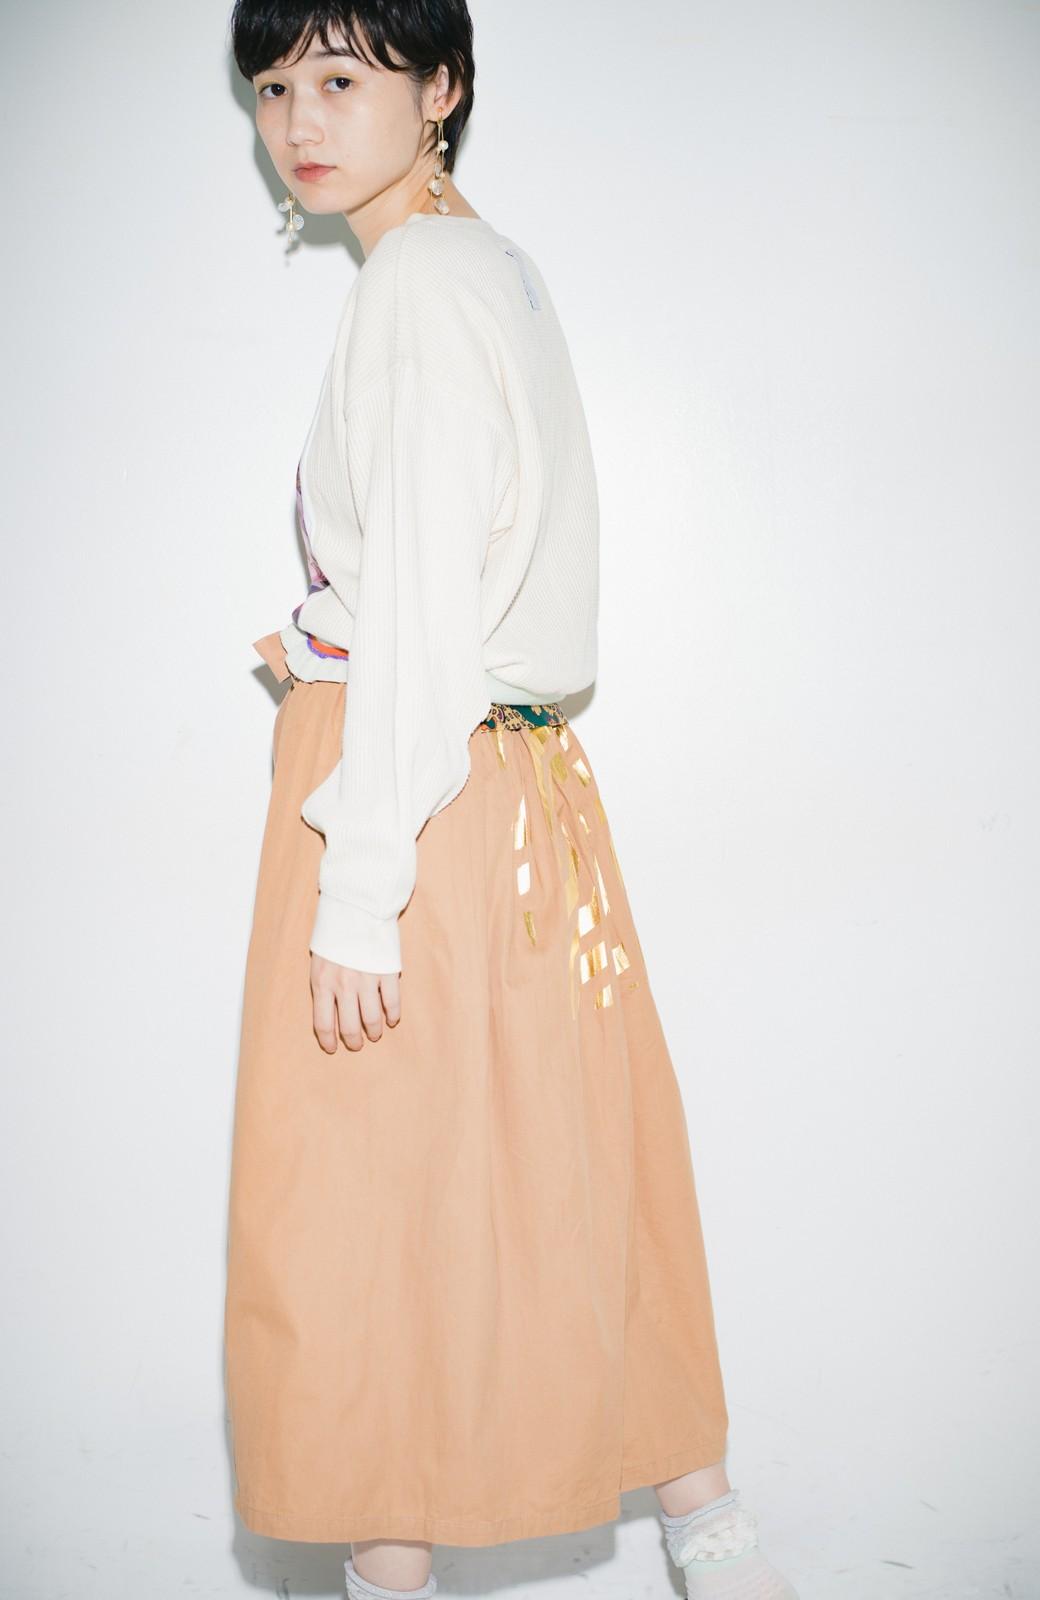 haco! haco! × RBTXCO後ろ姿にトキメキ 箔プリントとヒョウ柄ゴムのウエストリボンスカート <ベージュ>の商品写真8